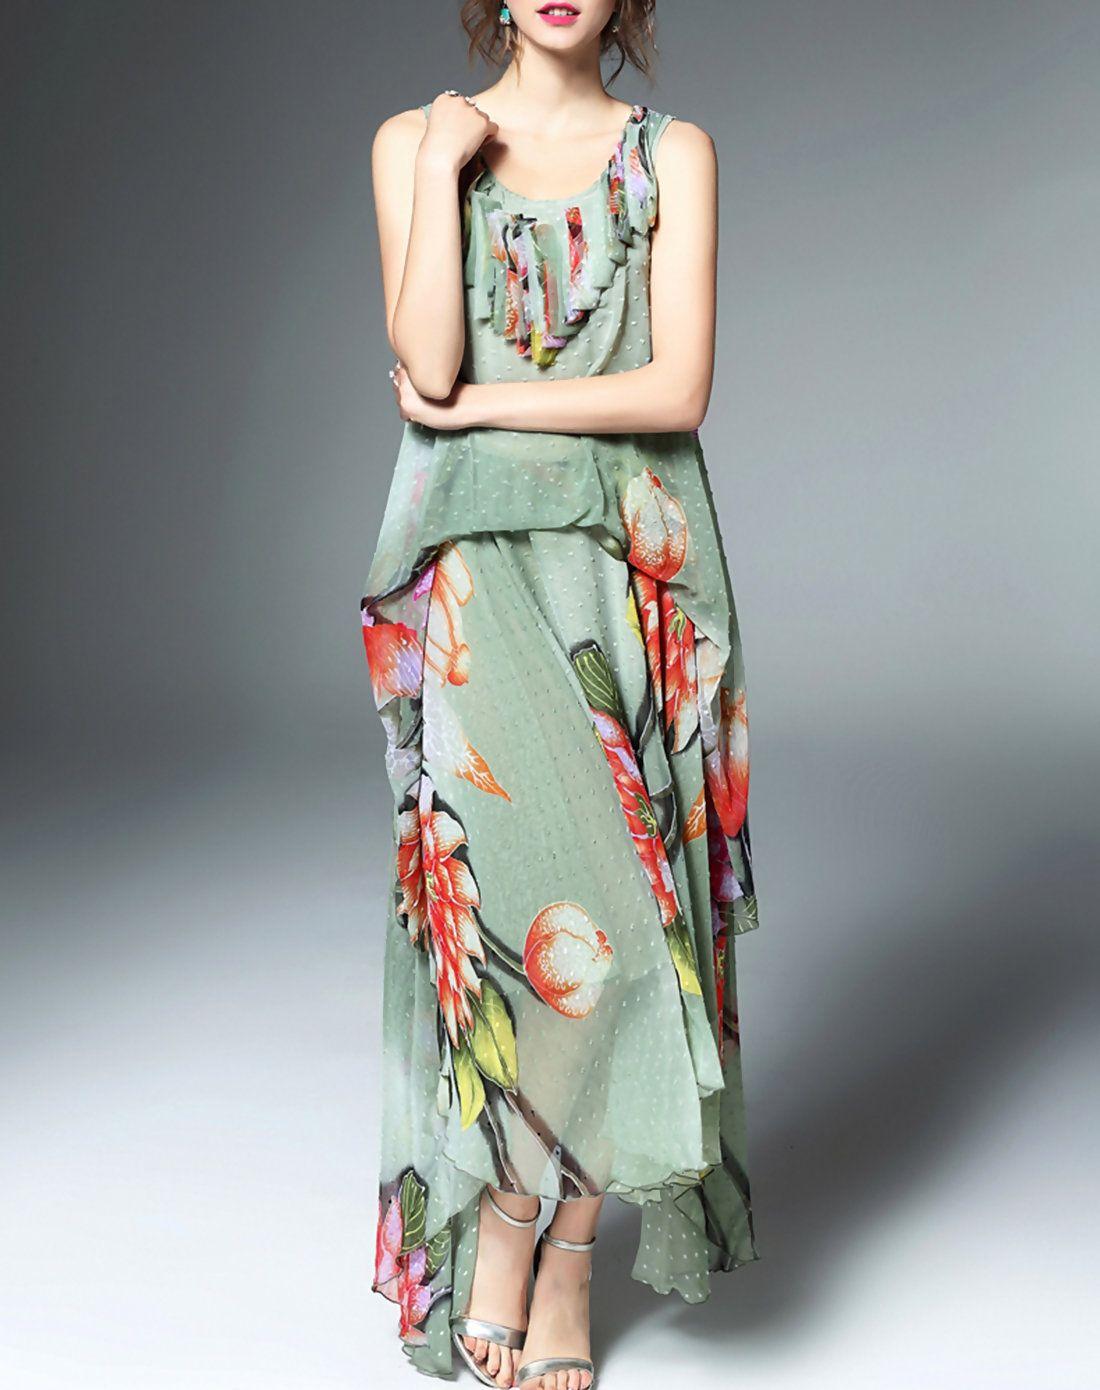 #AdoreWe #VIPme Skater Dresses - Elenyun Summer Green Silk Floral Print Flare Flounce Maxi Dress - AdoreWe.com